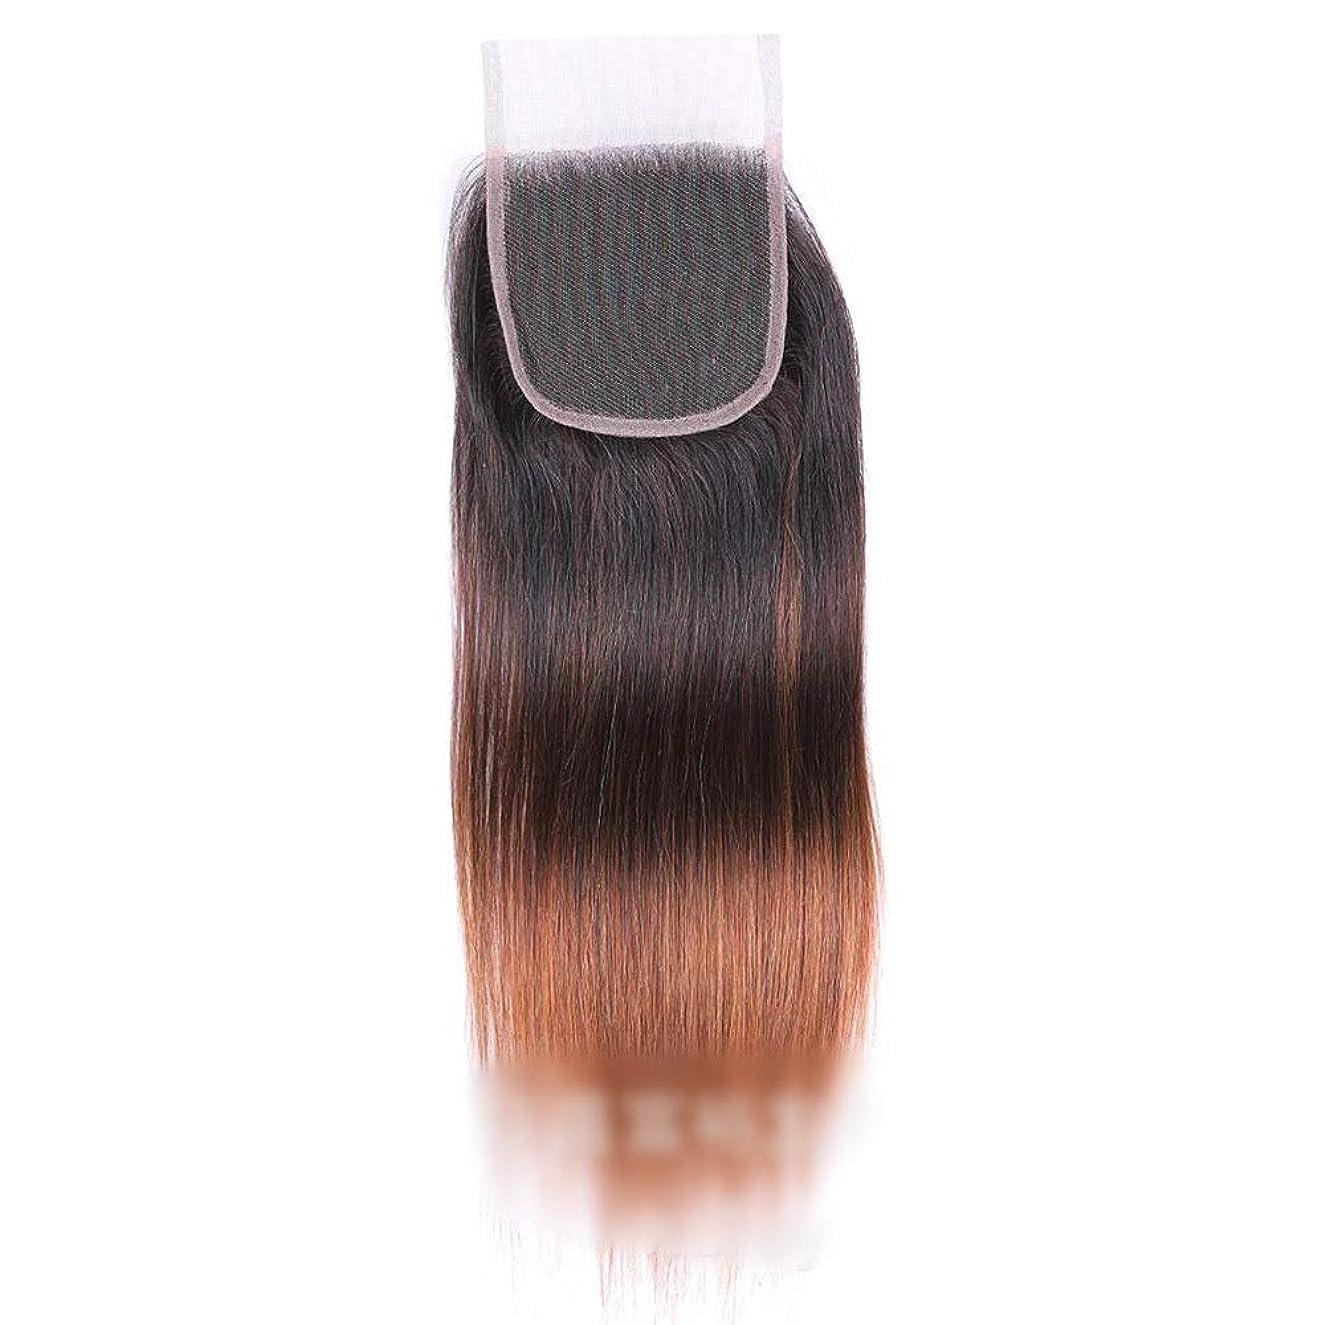 不安定なビヨン廊下YESONEEP バージンブラジルの人間の髪の毛の無料パーツストレートレース閉鎖4×4 1B / 4/30 3トーンカラー8インチ18インチファッションかつら (Color : ブラウン, サイズ : 18 inch)